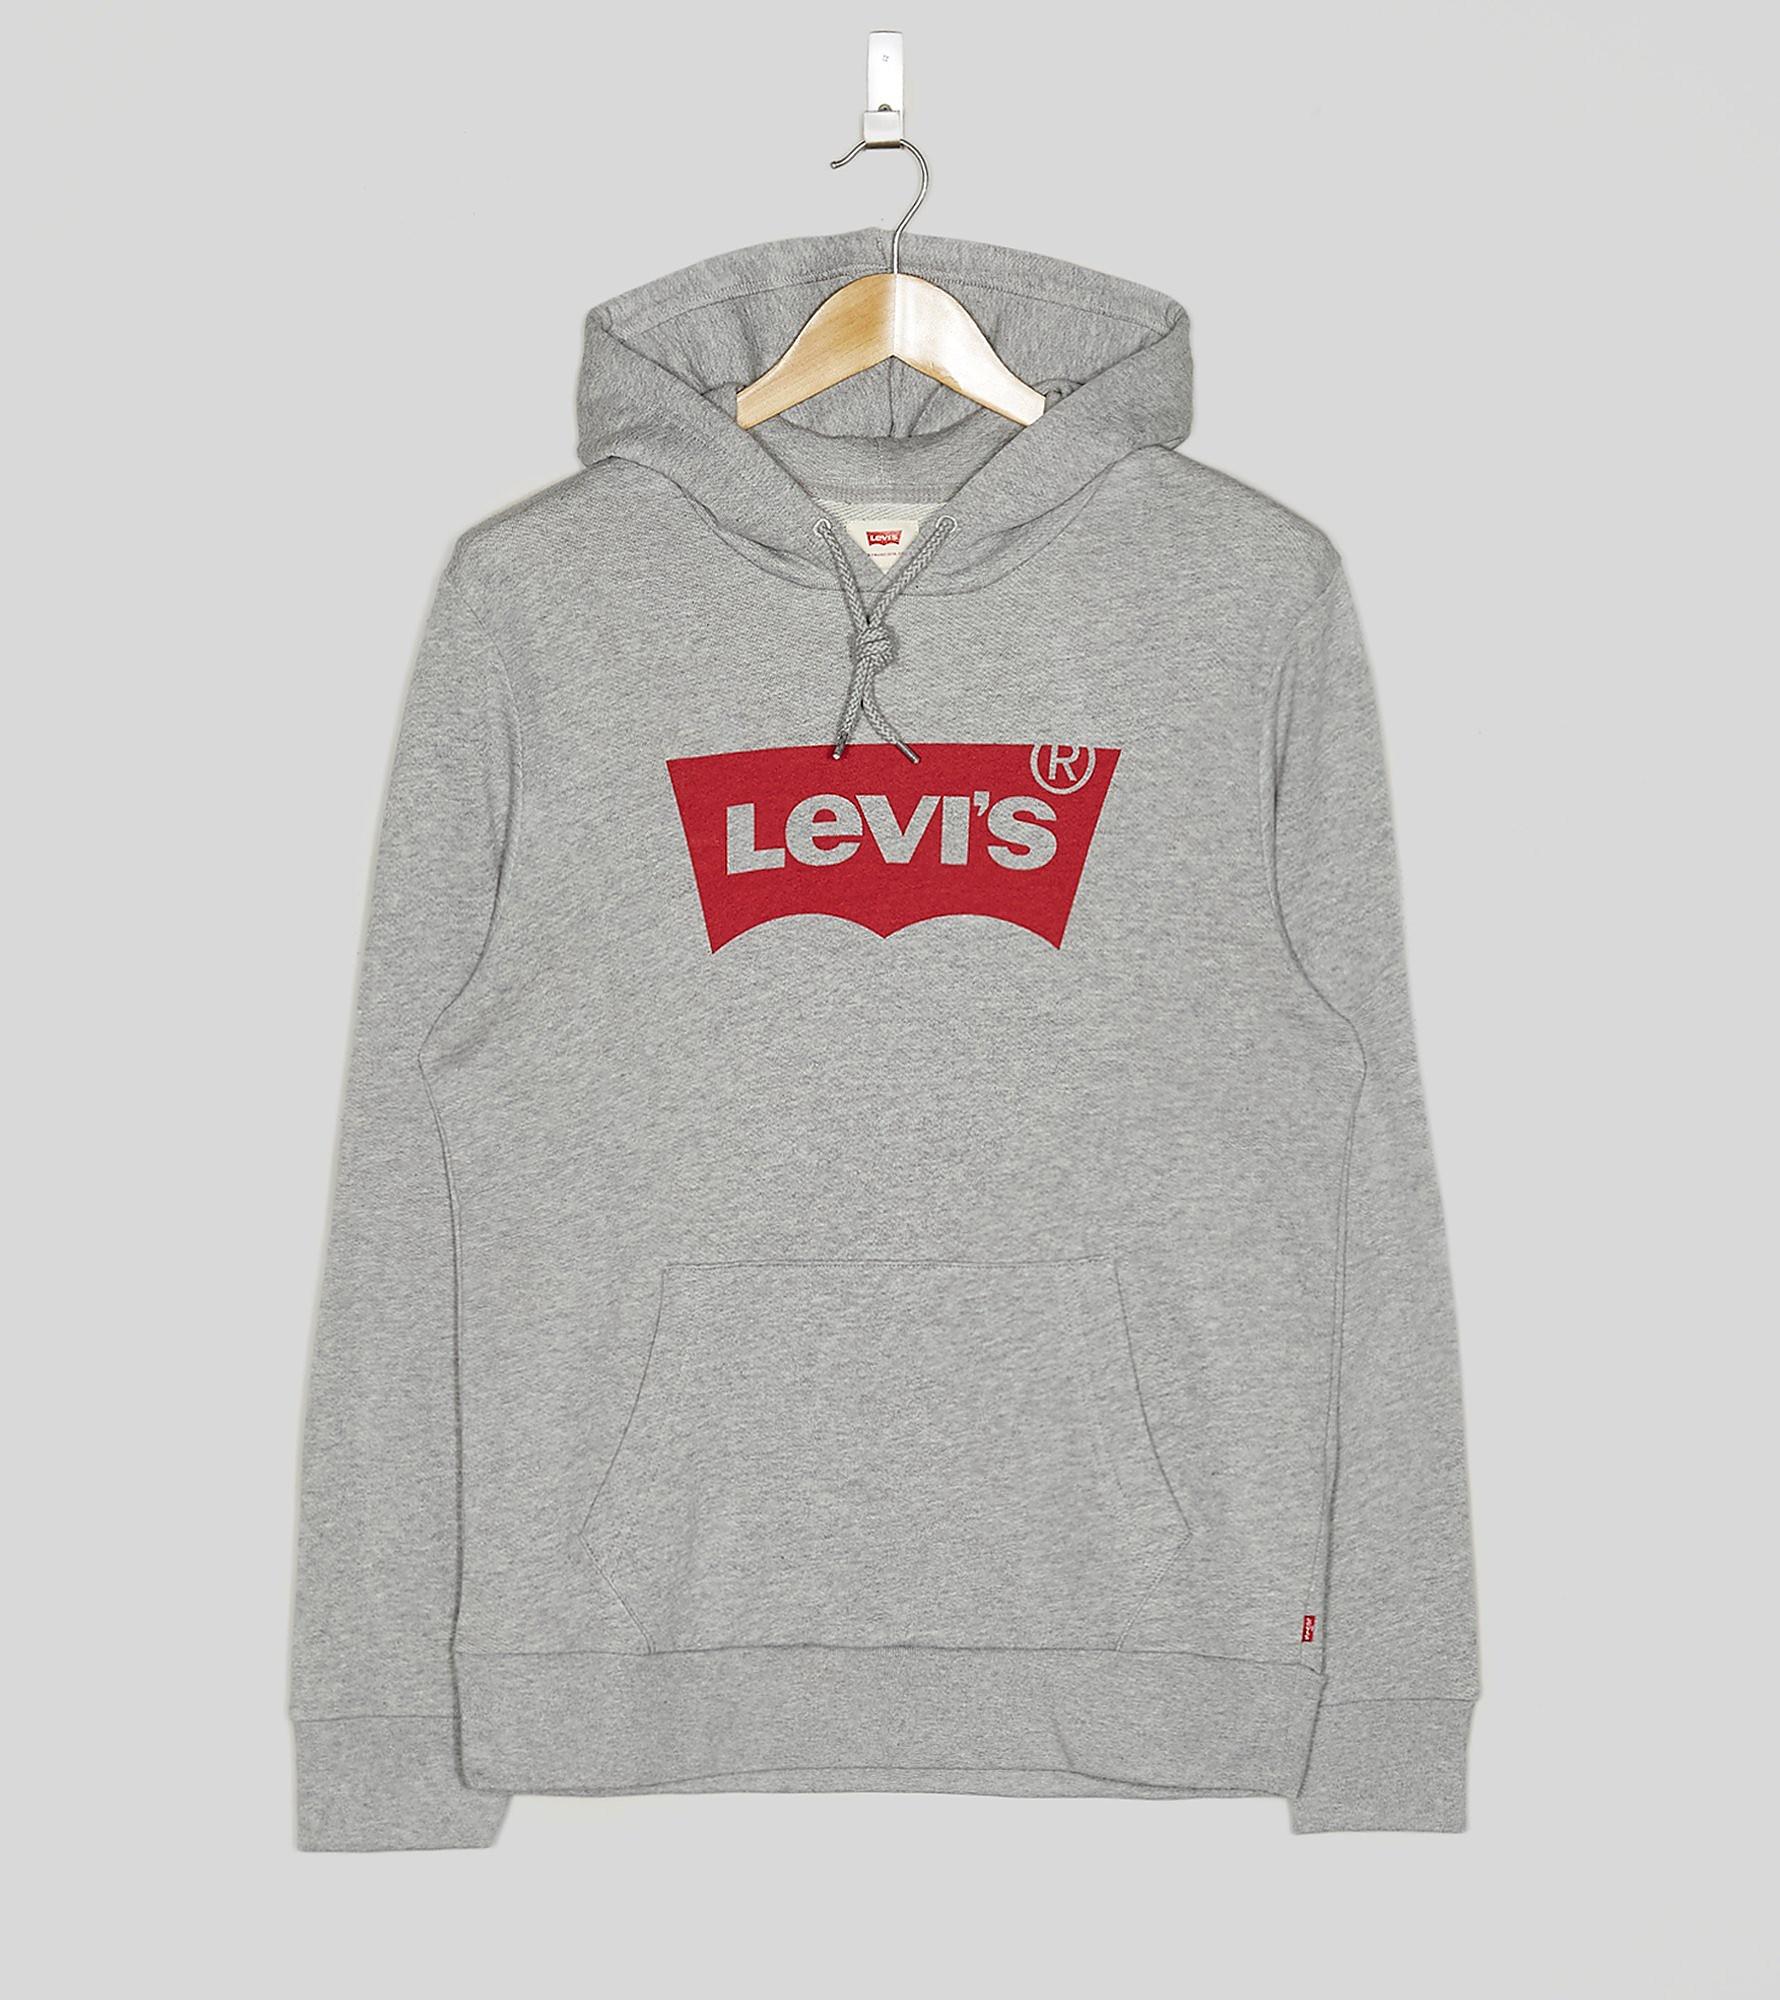 Levis Standard Overhead Hoody